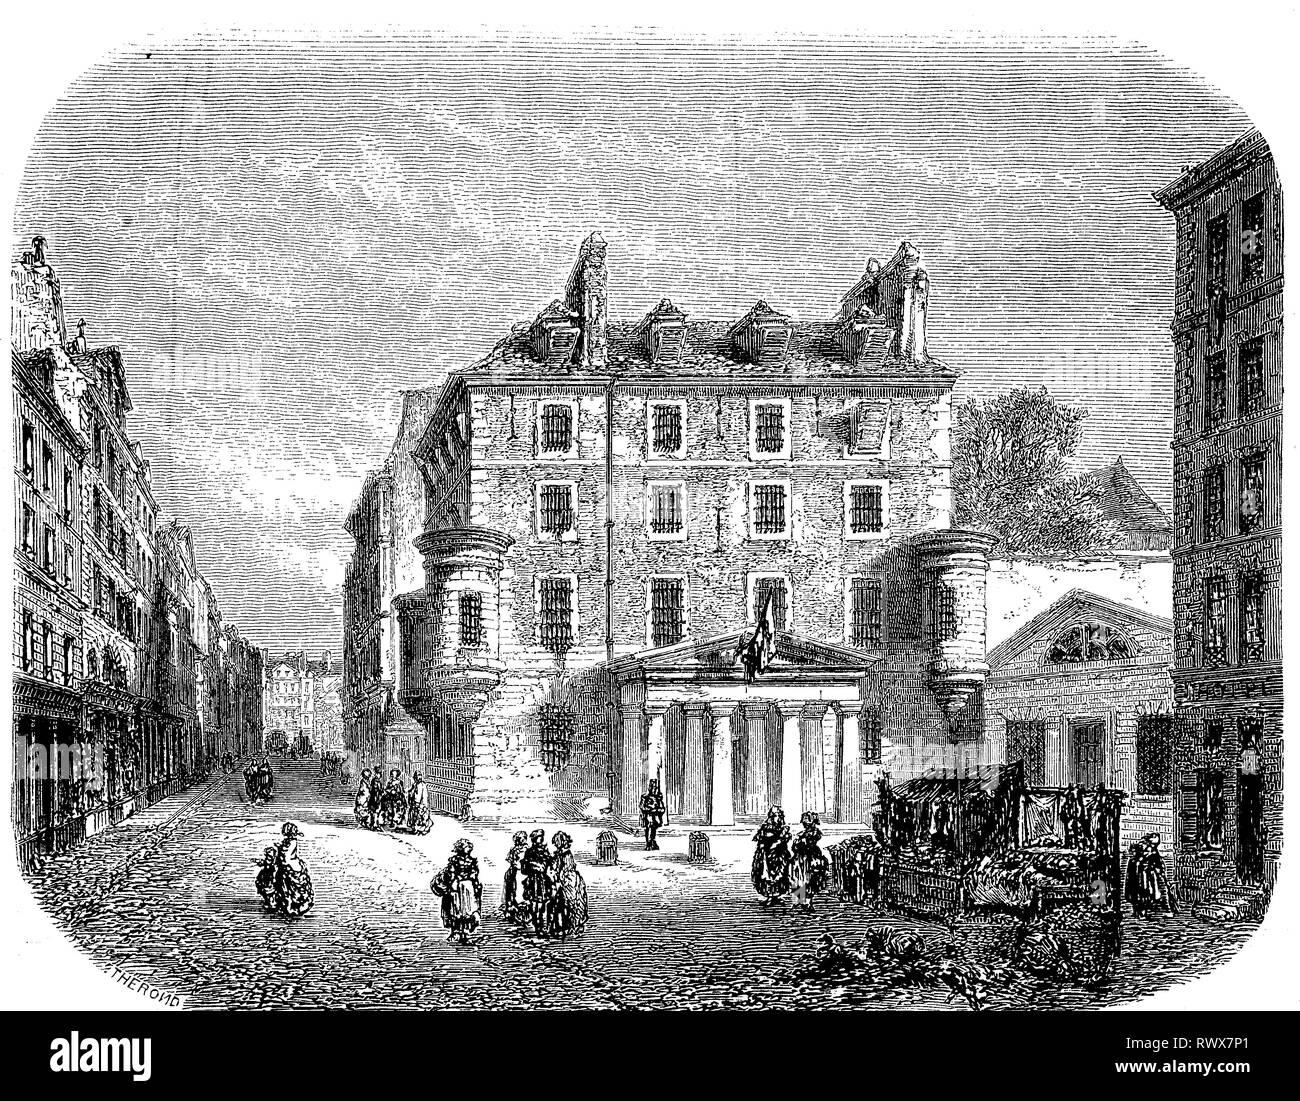 Gefängnis der Abtei Saint-Germain des Pres, Prison de l'Abbaye war ein Staatsgefängnis, Prison d'Etat, in Paris, das von 1522 bis 1854 genutzt wurde, abgerissen 1854  /  prison of abbey saint-germain des pres, prison de l'abbaye was a state prison, prison d'etat, in paris, which was used from 1522 to 1854, demolished in 1854 - Stock Image